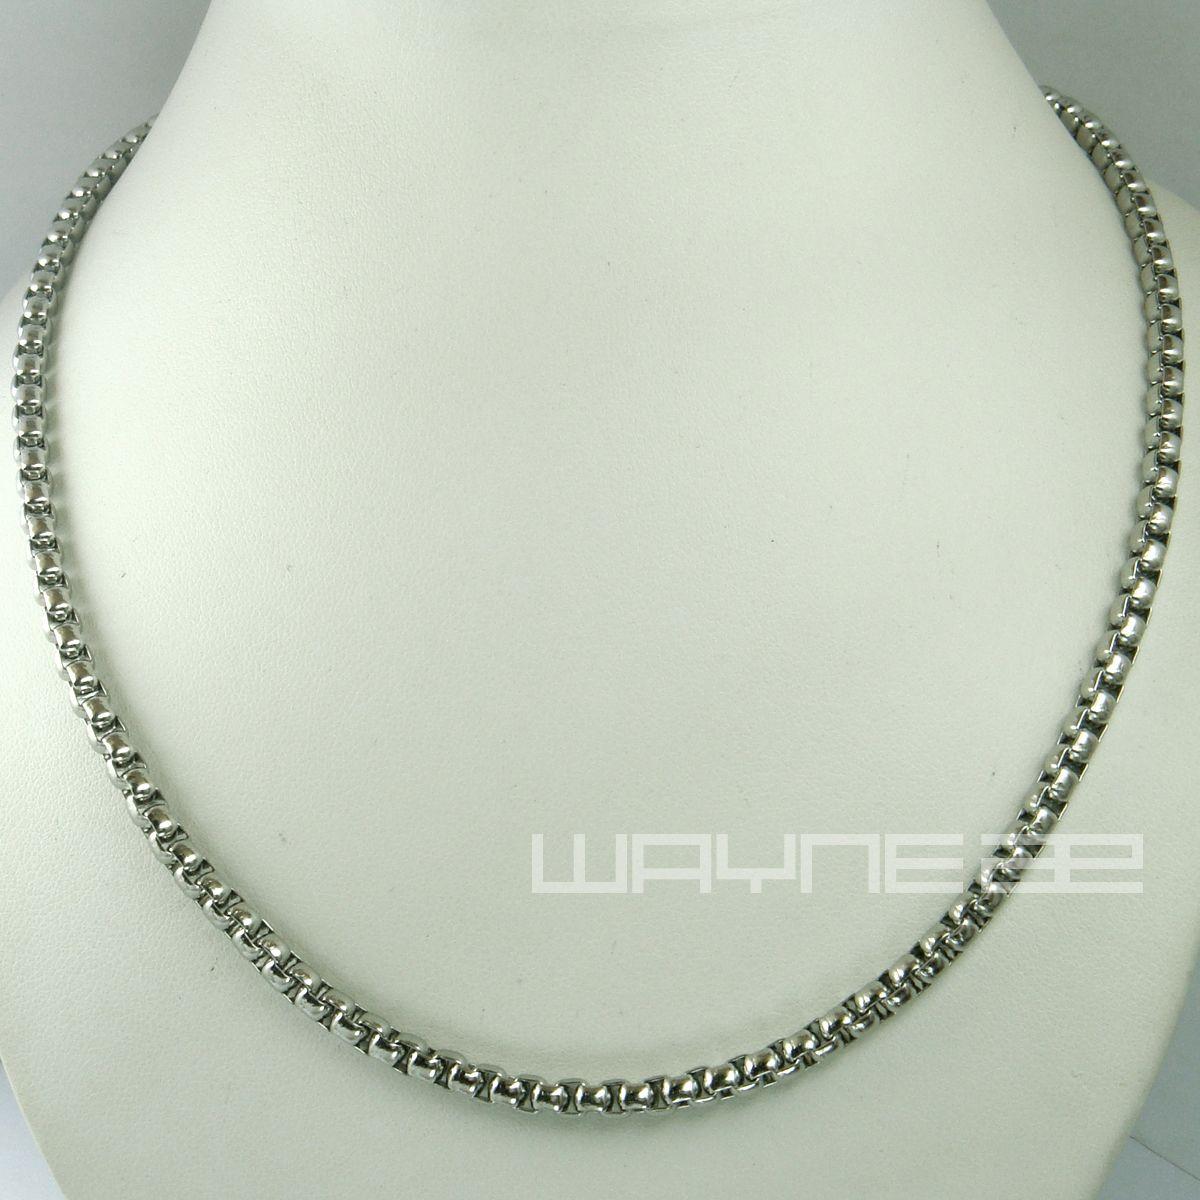 Witgoud gevuld 50 cm lengte 3.8mm dikke ring link ketting n240